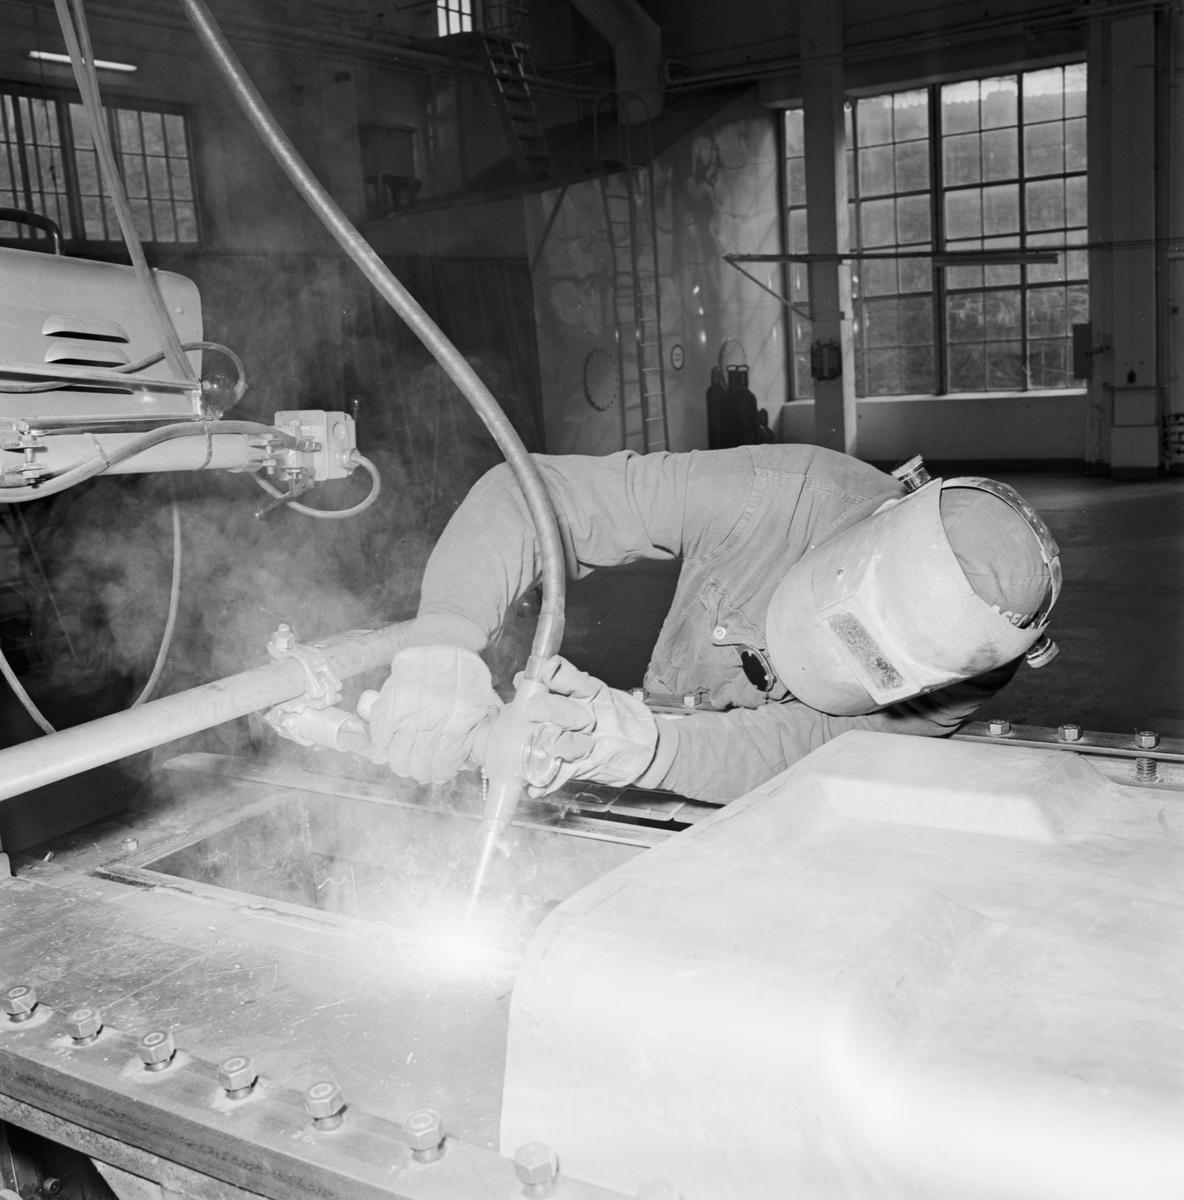 Övrigt: Foto datum: 16/3 1964 Verkstäder och personal. Bilder till reklambroschyr (Myllenberg) svetsning, dykare i arbete plåtpressen. Närmast identisk bild: V28534, ej skannad